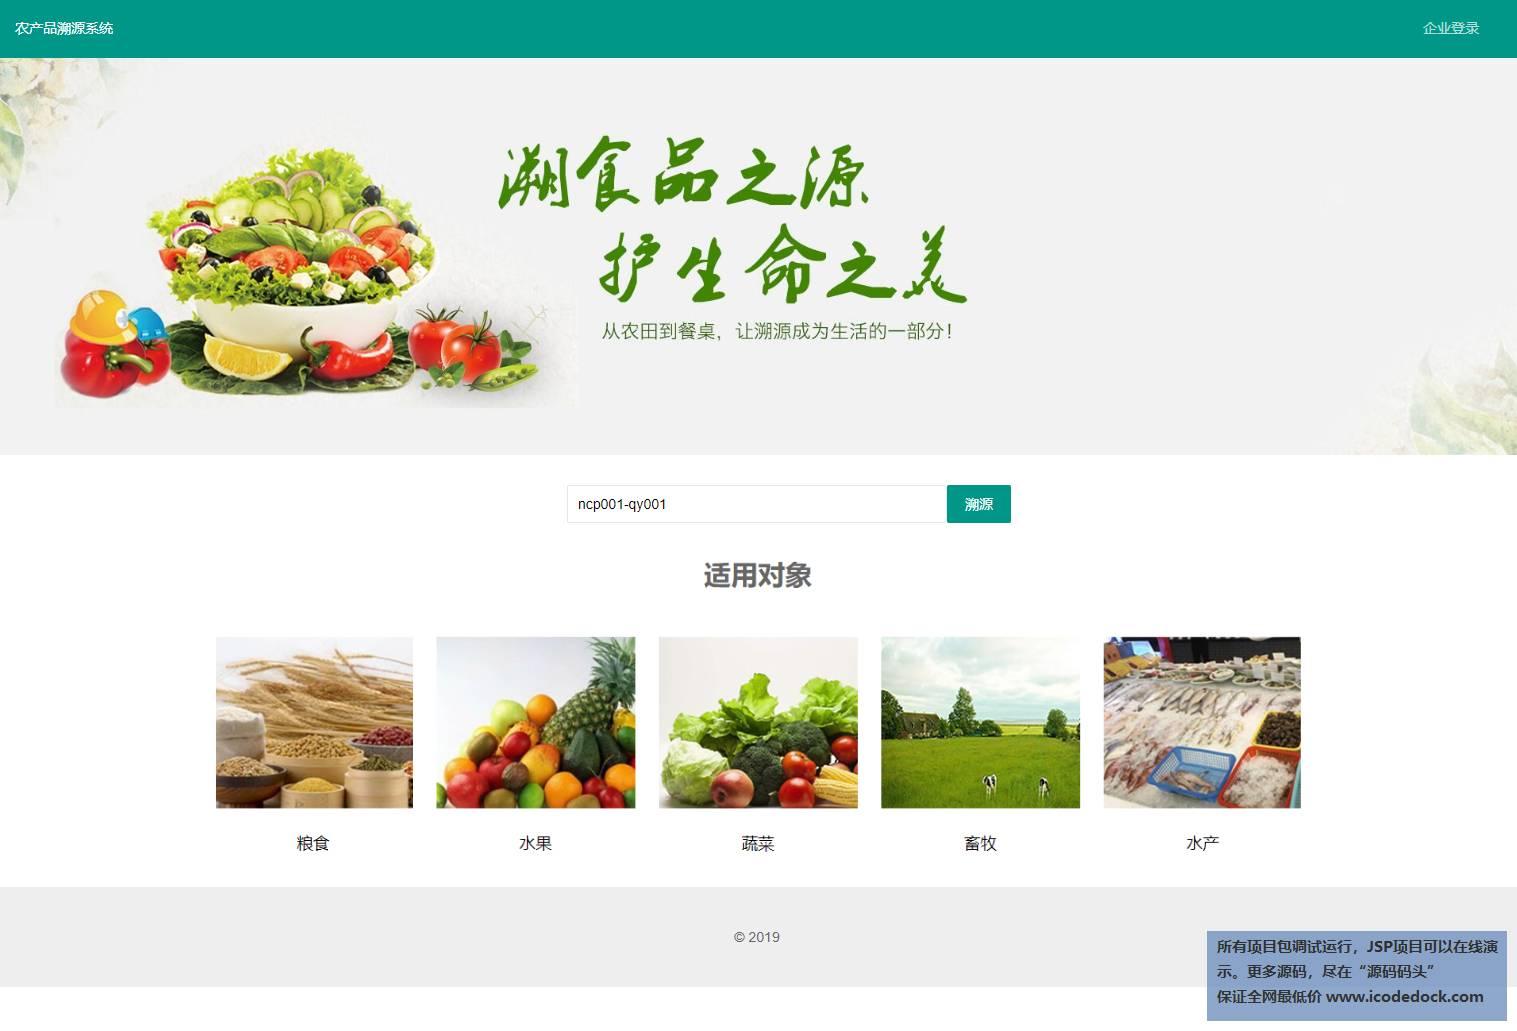 源码码头-SSM农产品朔源管理系统-用户角色-用户首页